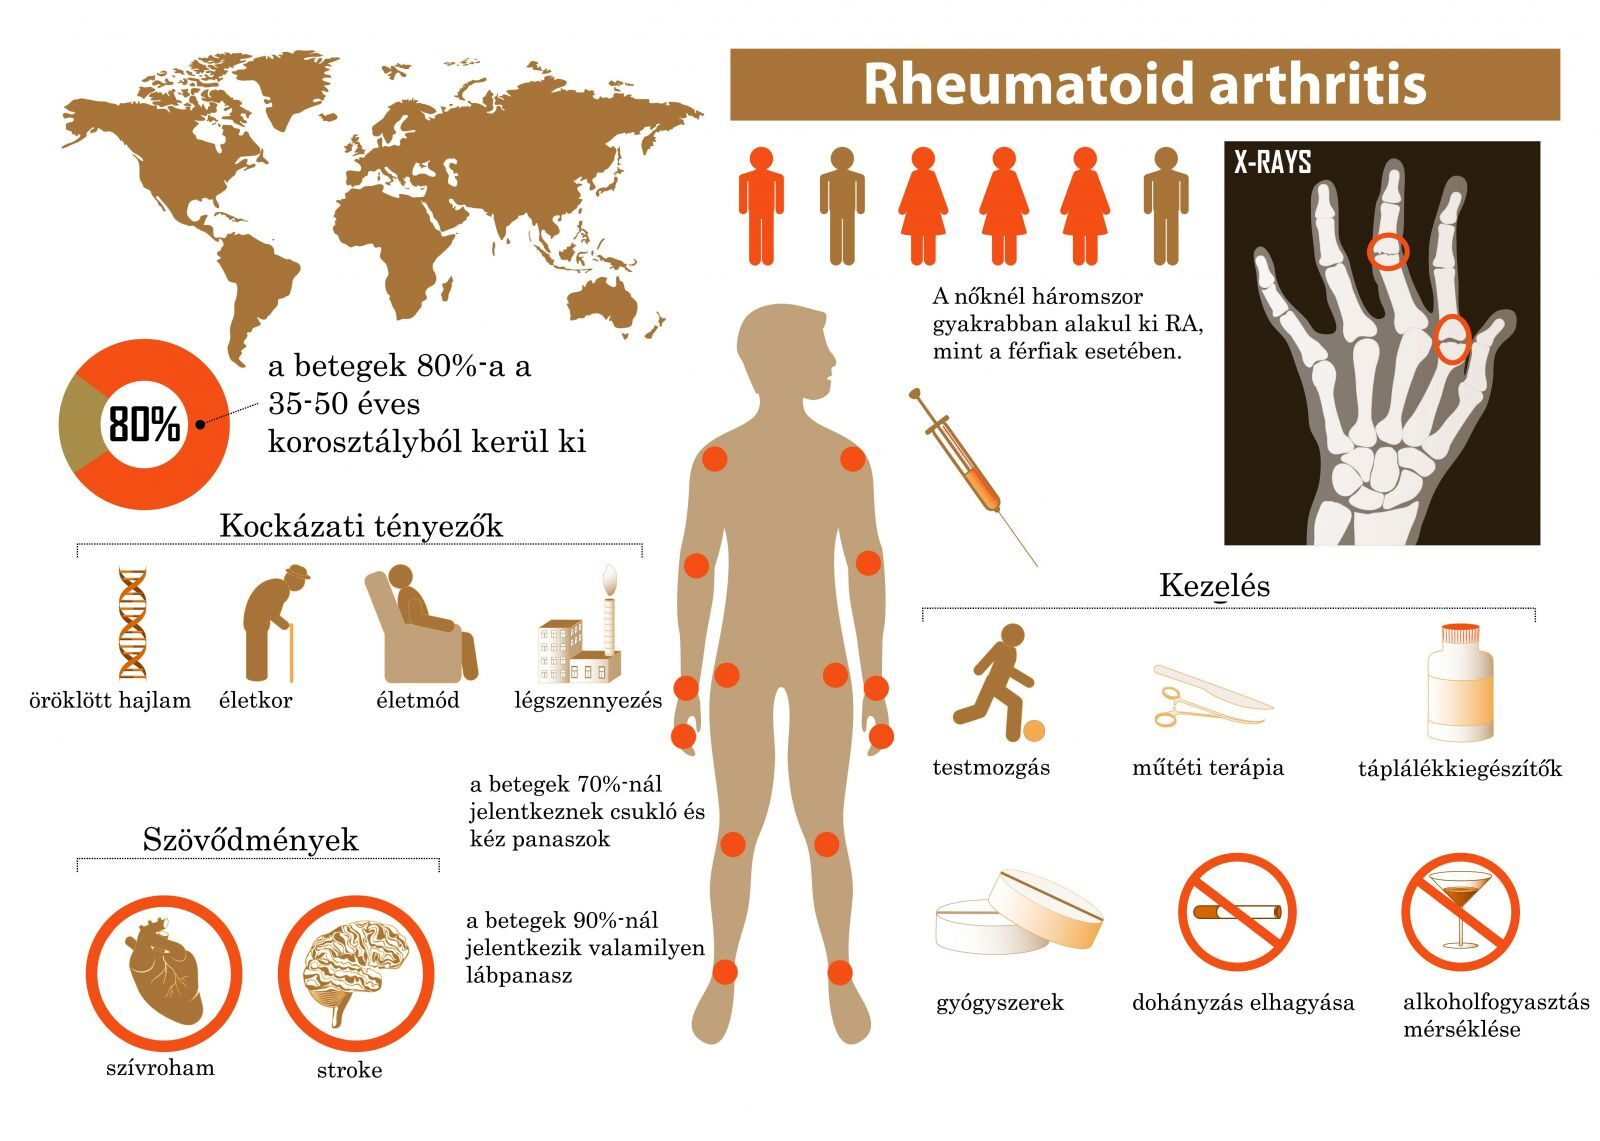 Rheumatoid arthritis – hol tartunk ma - A Figyelő ;1 | eLitMed